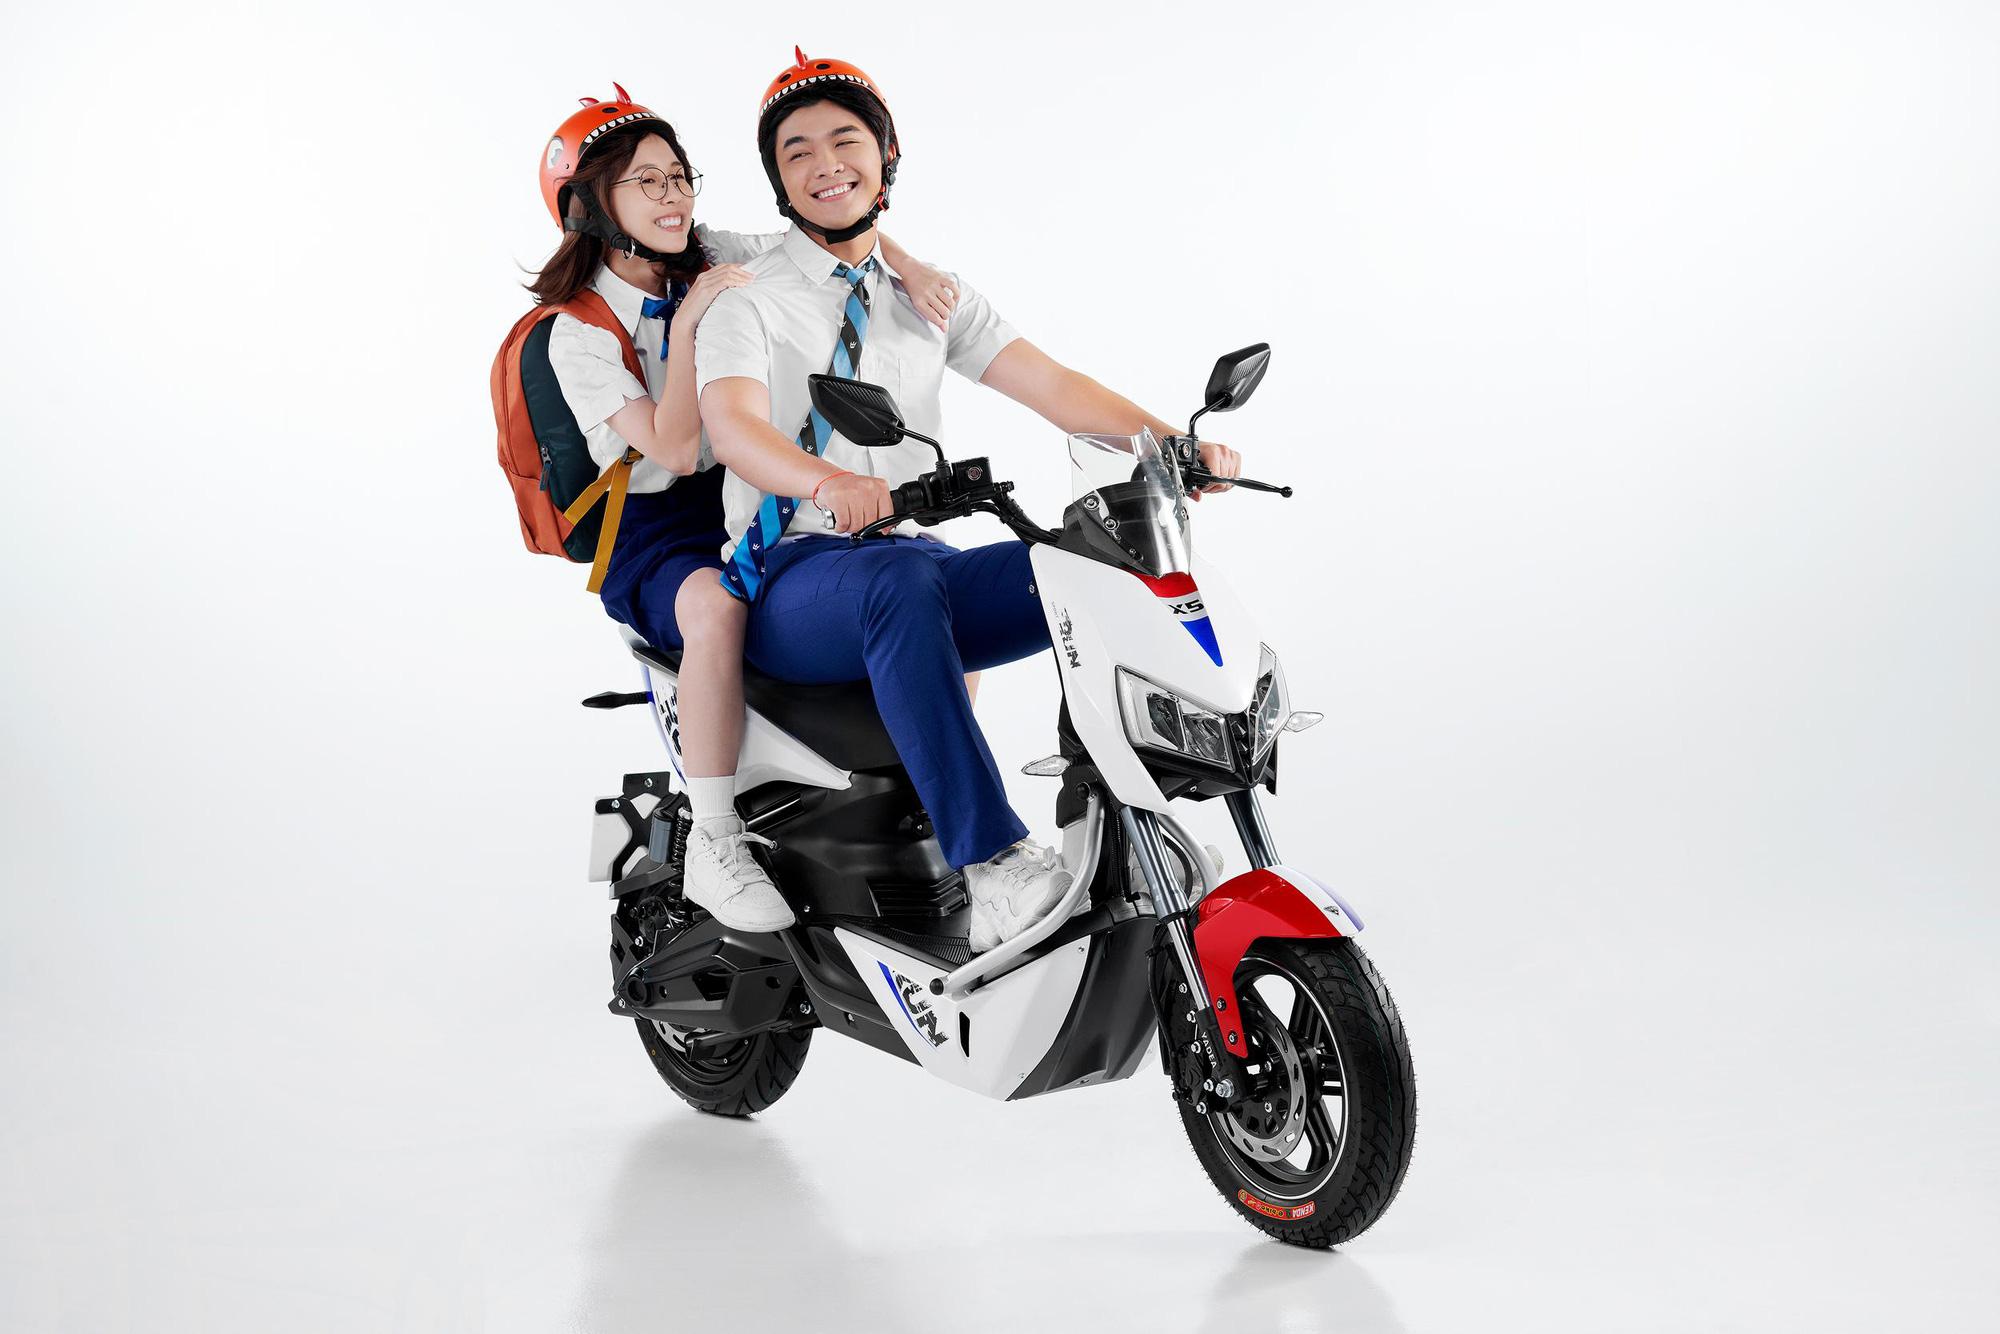 Top 3 mẫu xe máy điện được học sinh ưa chuộng cho năm học mới - Ảnh 4.